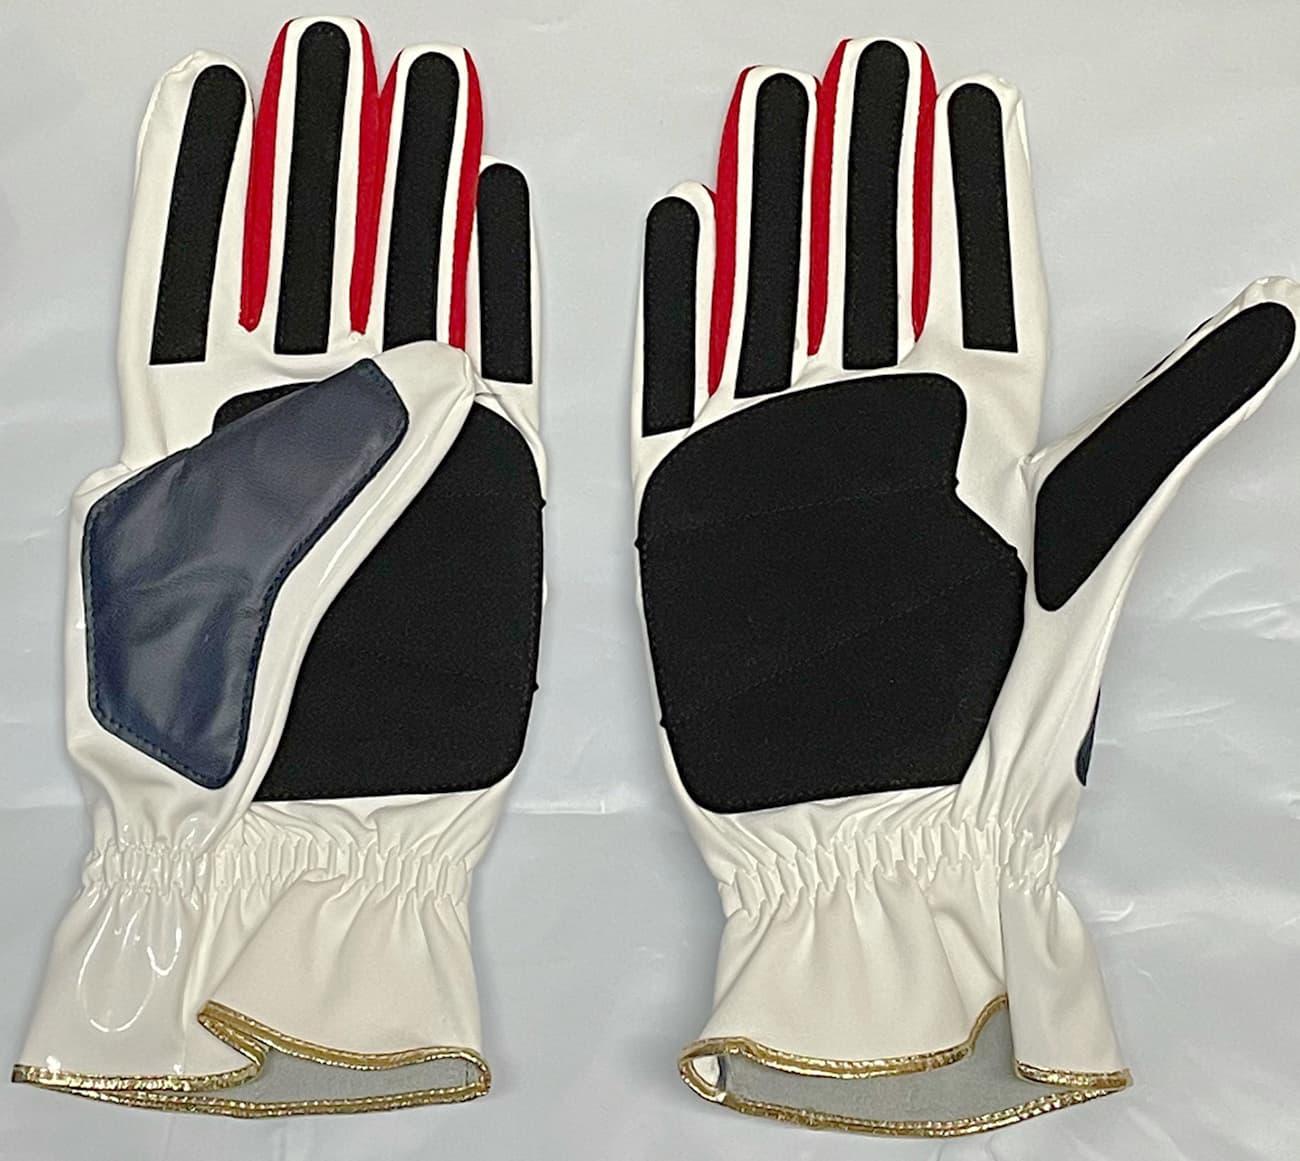 久保田スラッガー走塁用手袋 S140R 手の平部分 白